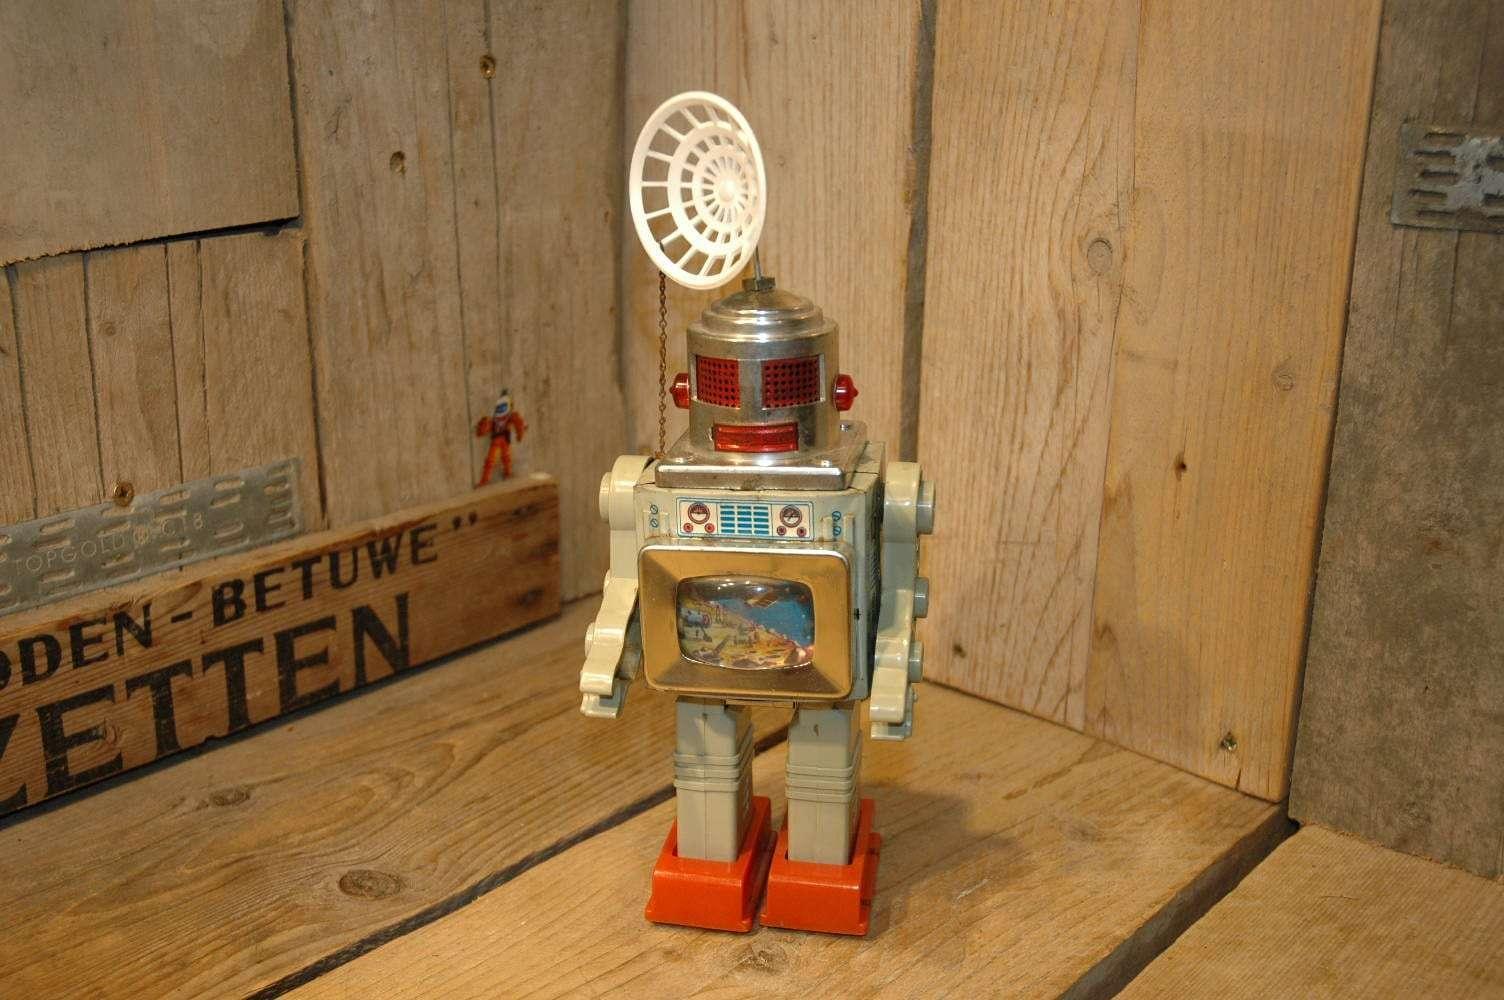 Estrela - Robocom Robot